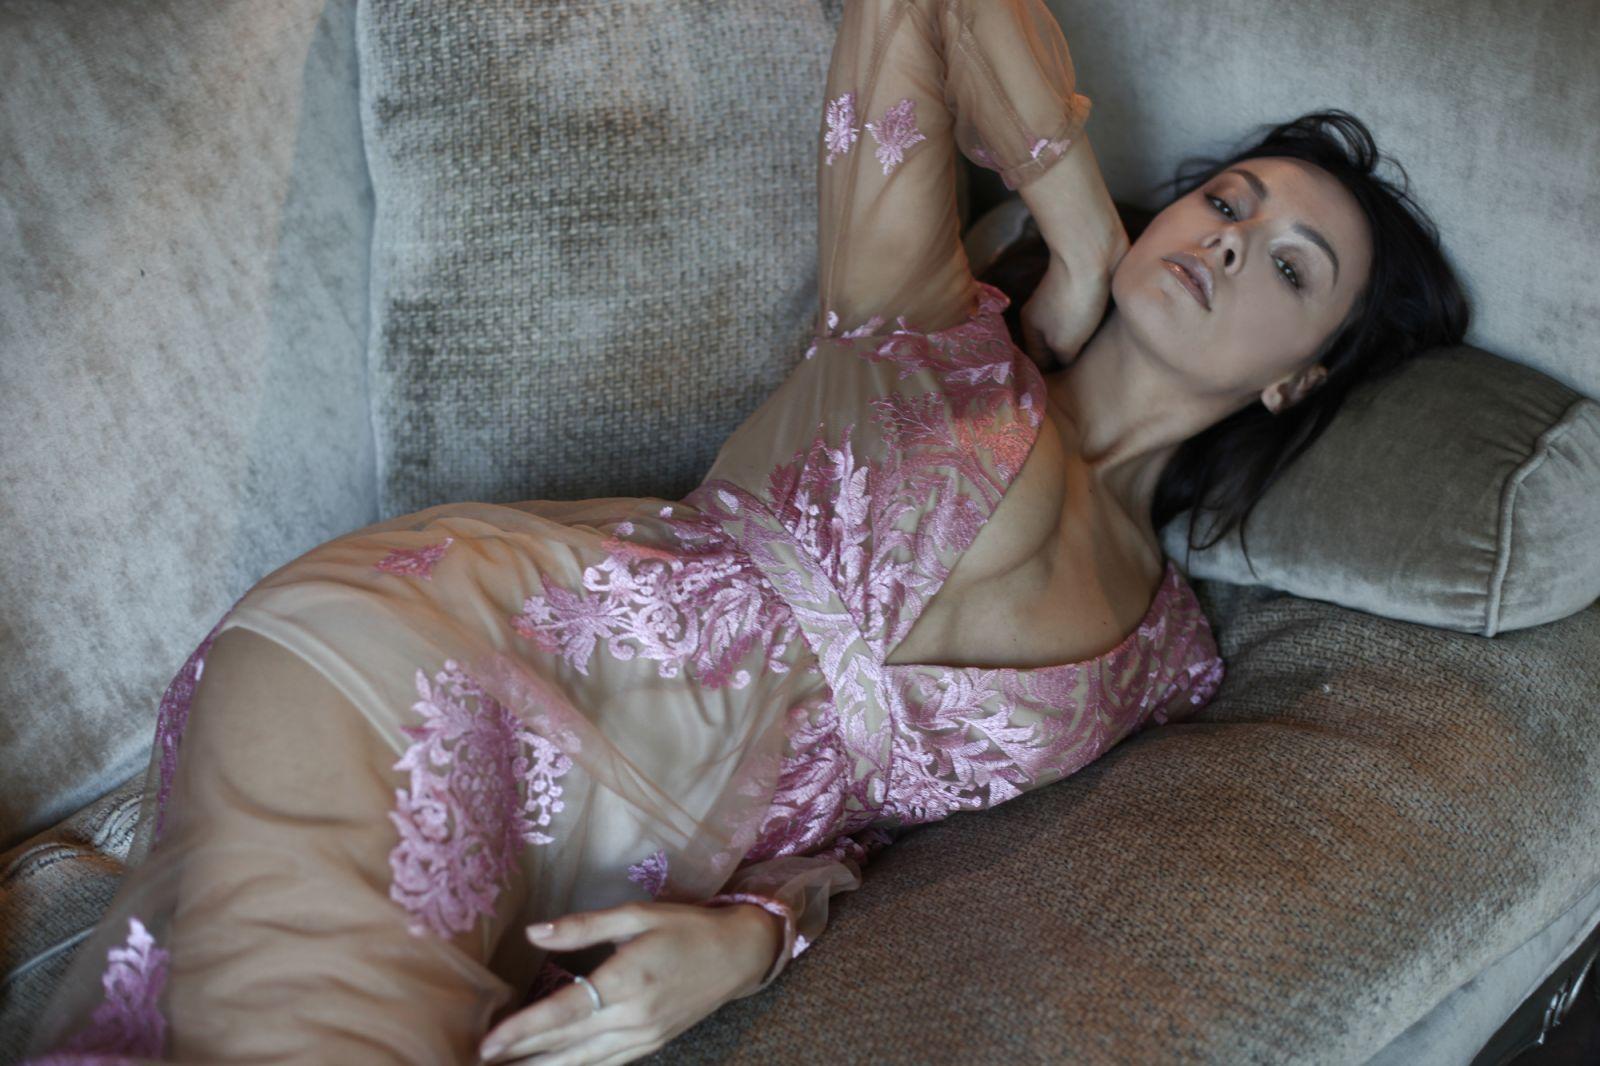 Бывшая солистка группы Nikita, фотомодель и звезда журнала Playboy Юлия Бричковская